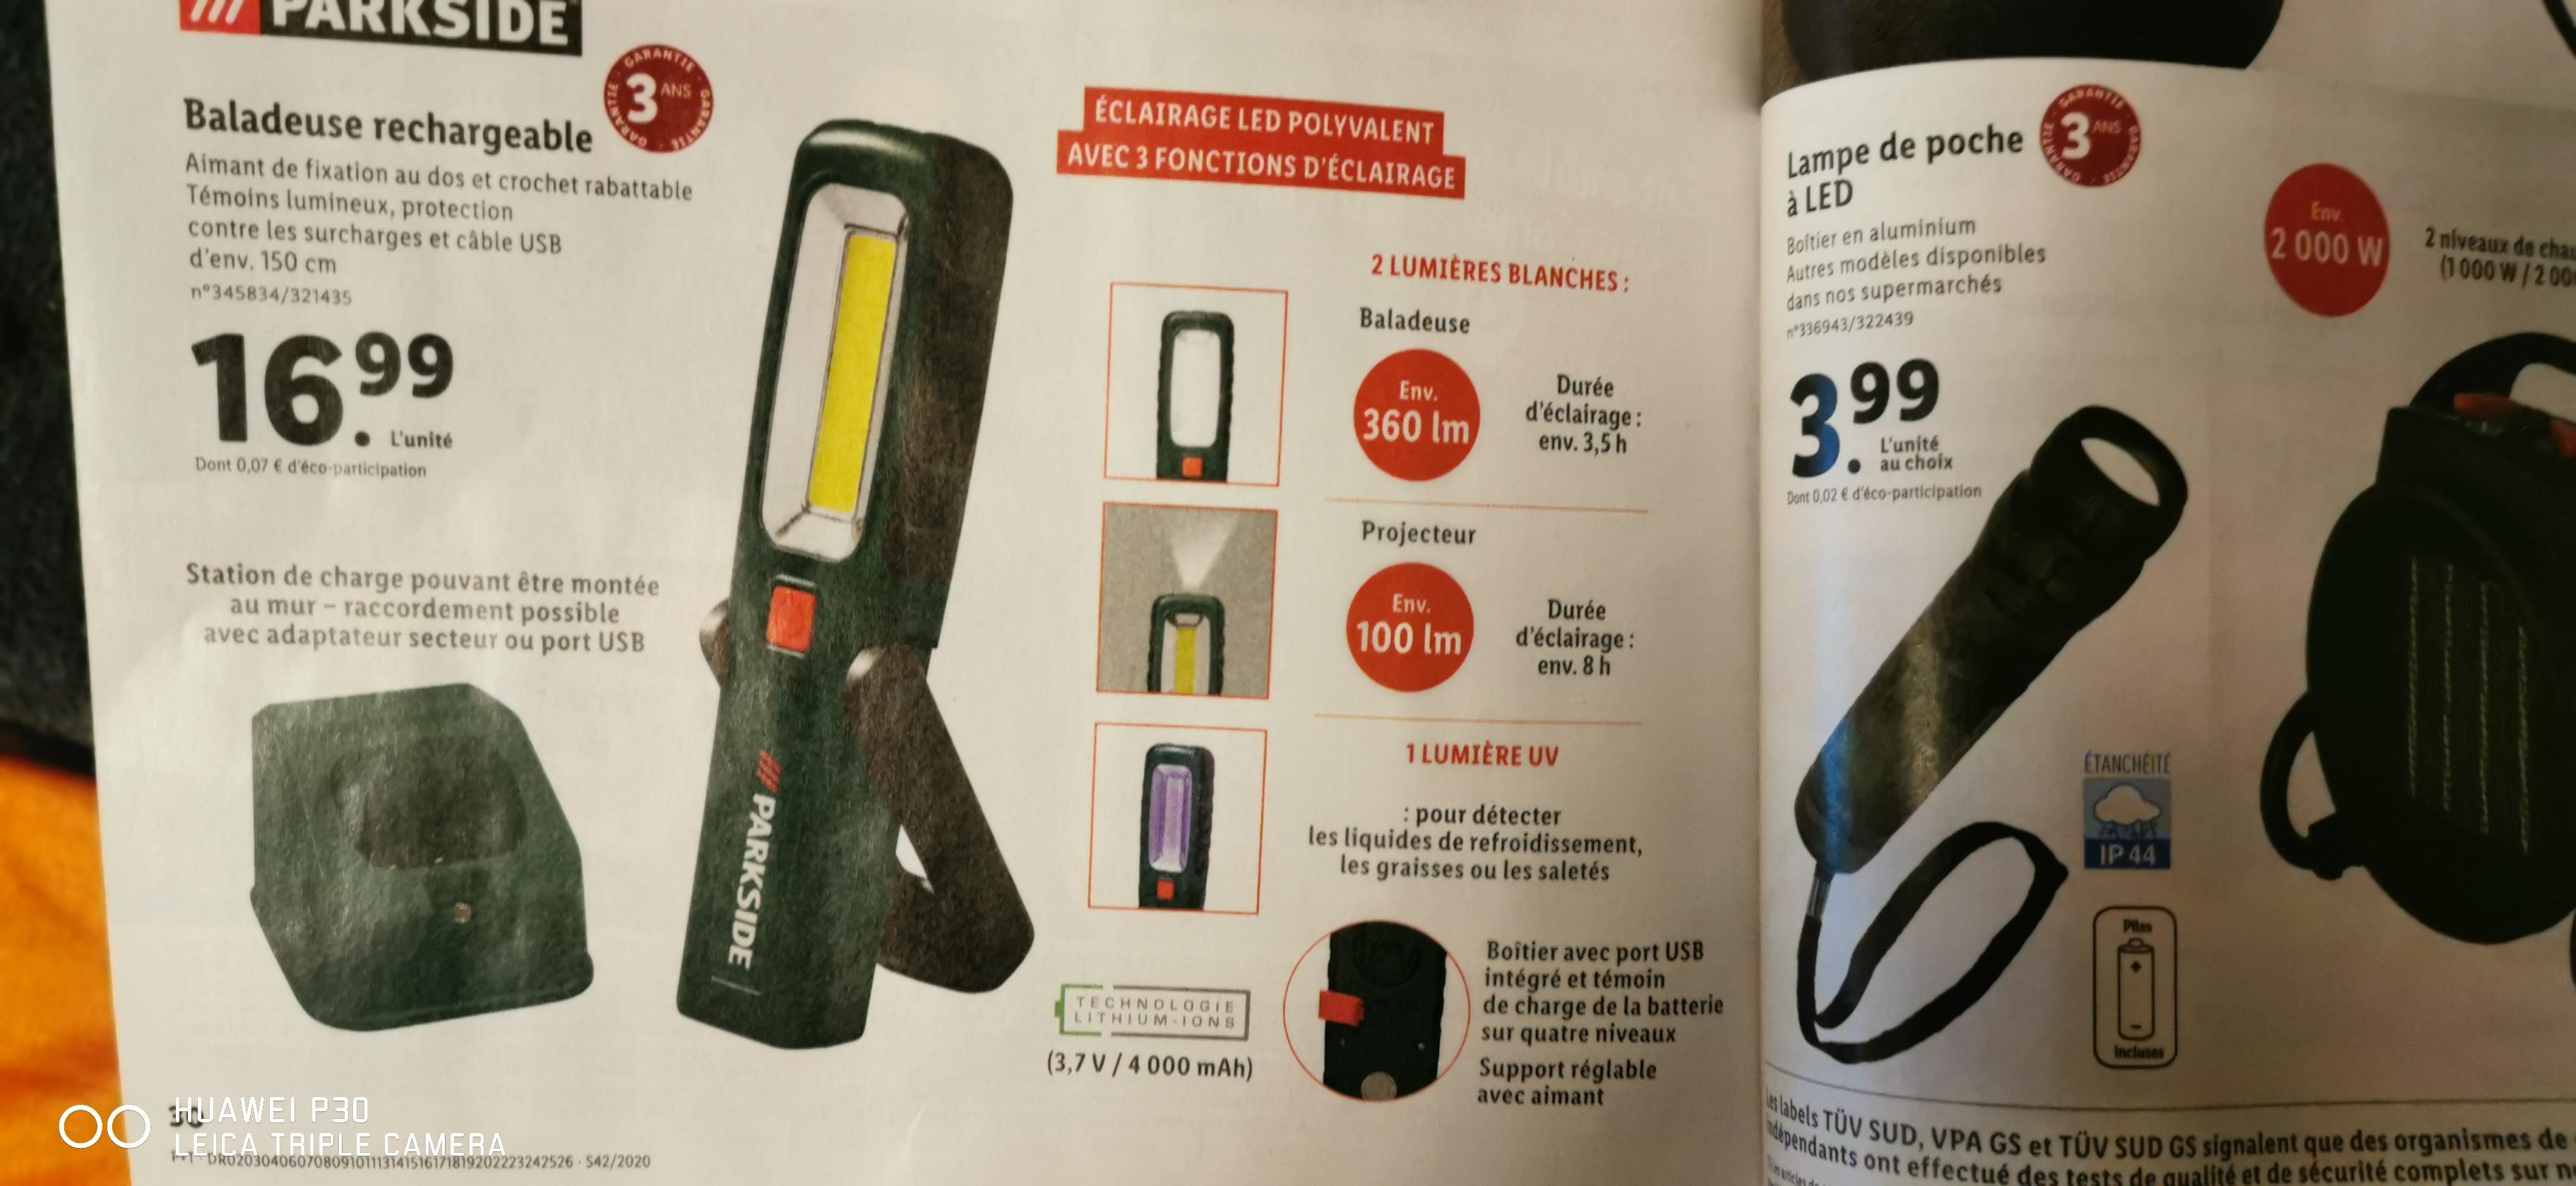 Sélection d'articles en promotion - Ex: Baladeuse rechargeable avec lumière UV Parkside - 360 lm